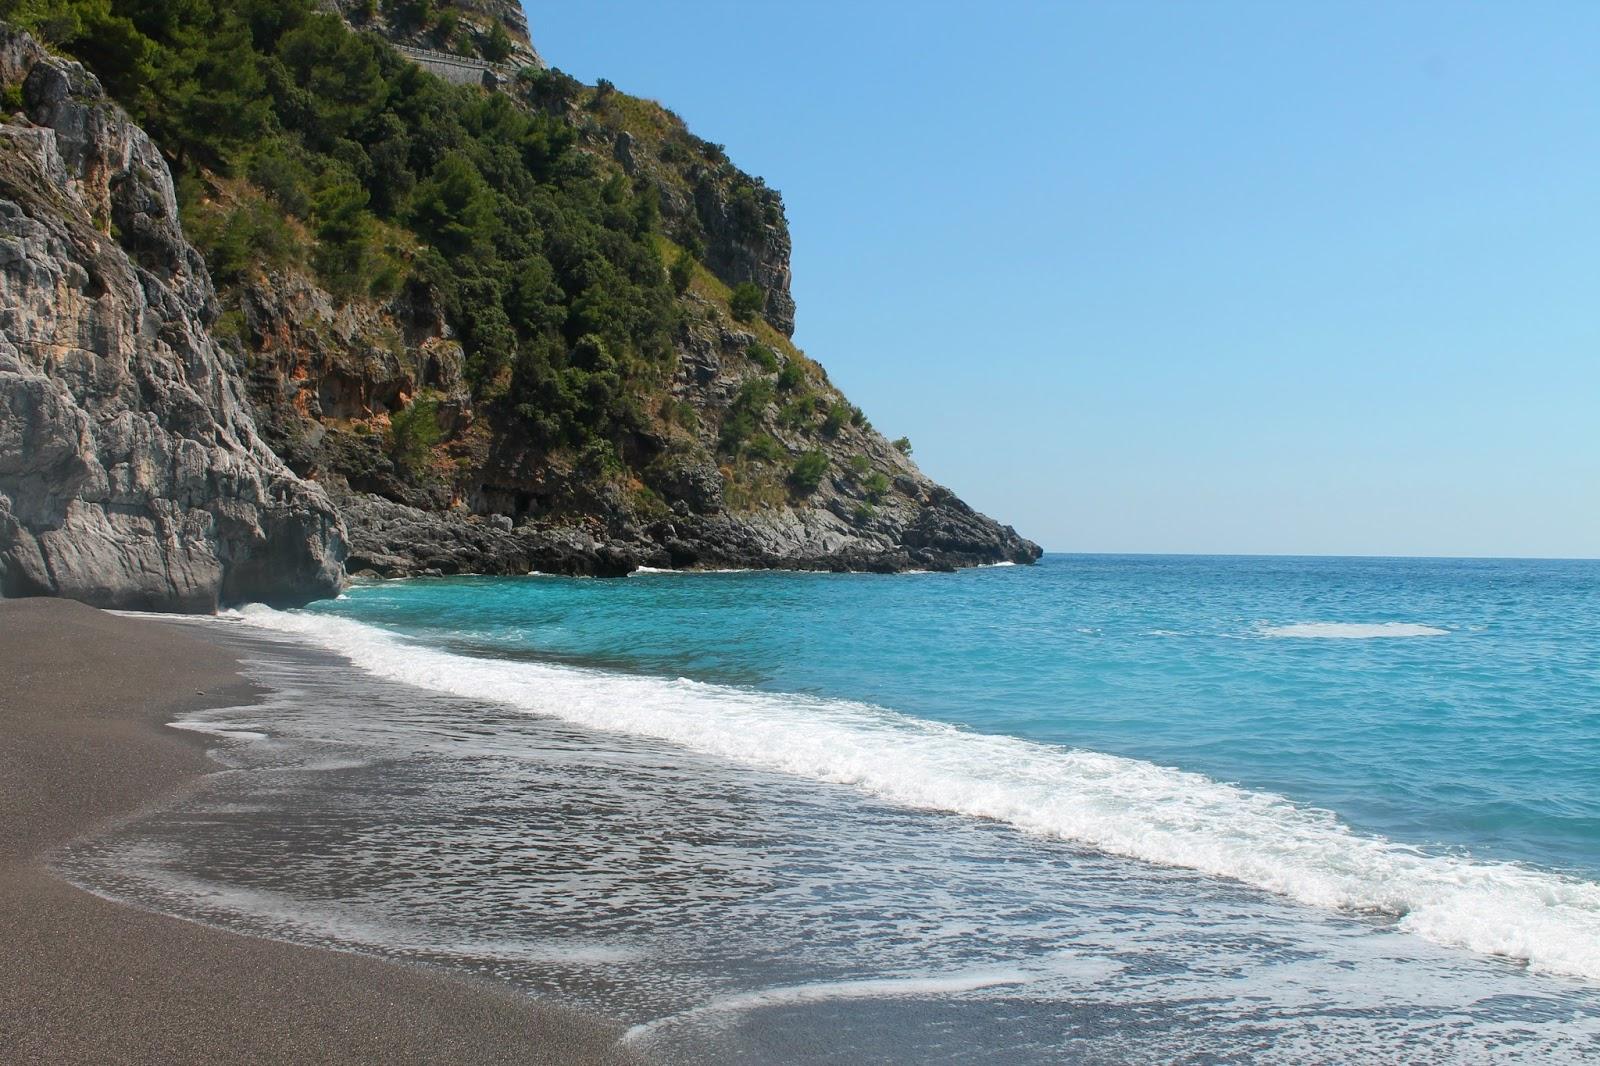 spiaggia-maratea-basilicata.jpg